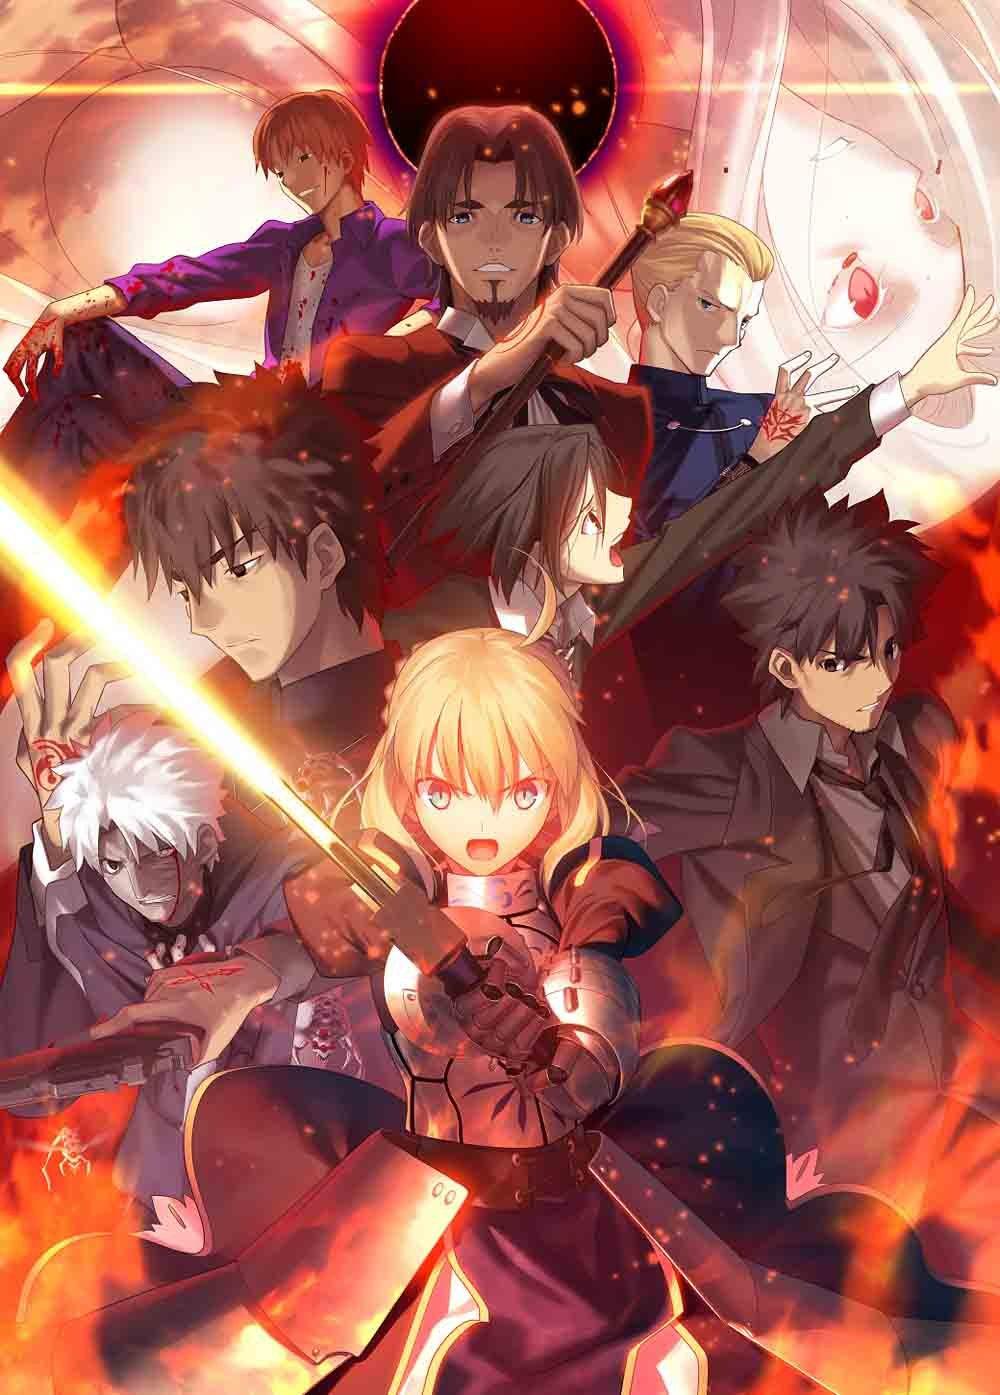 『Fate/Zero』のランサー陣営 嫌味な魔術師ケイネスとその妻ソラウ、美形の騎士ディルムット・オディナ